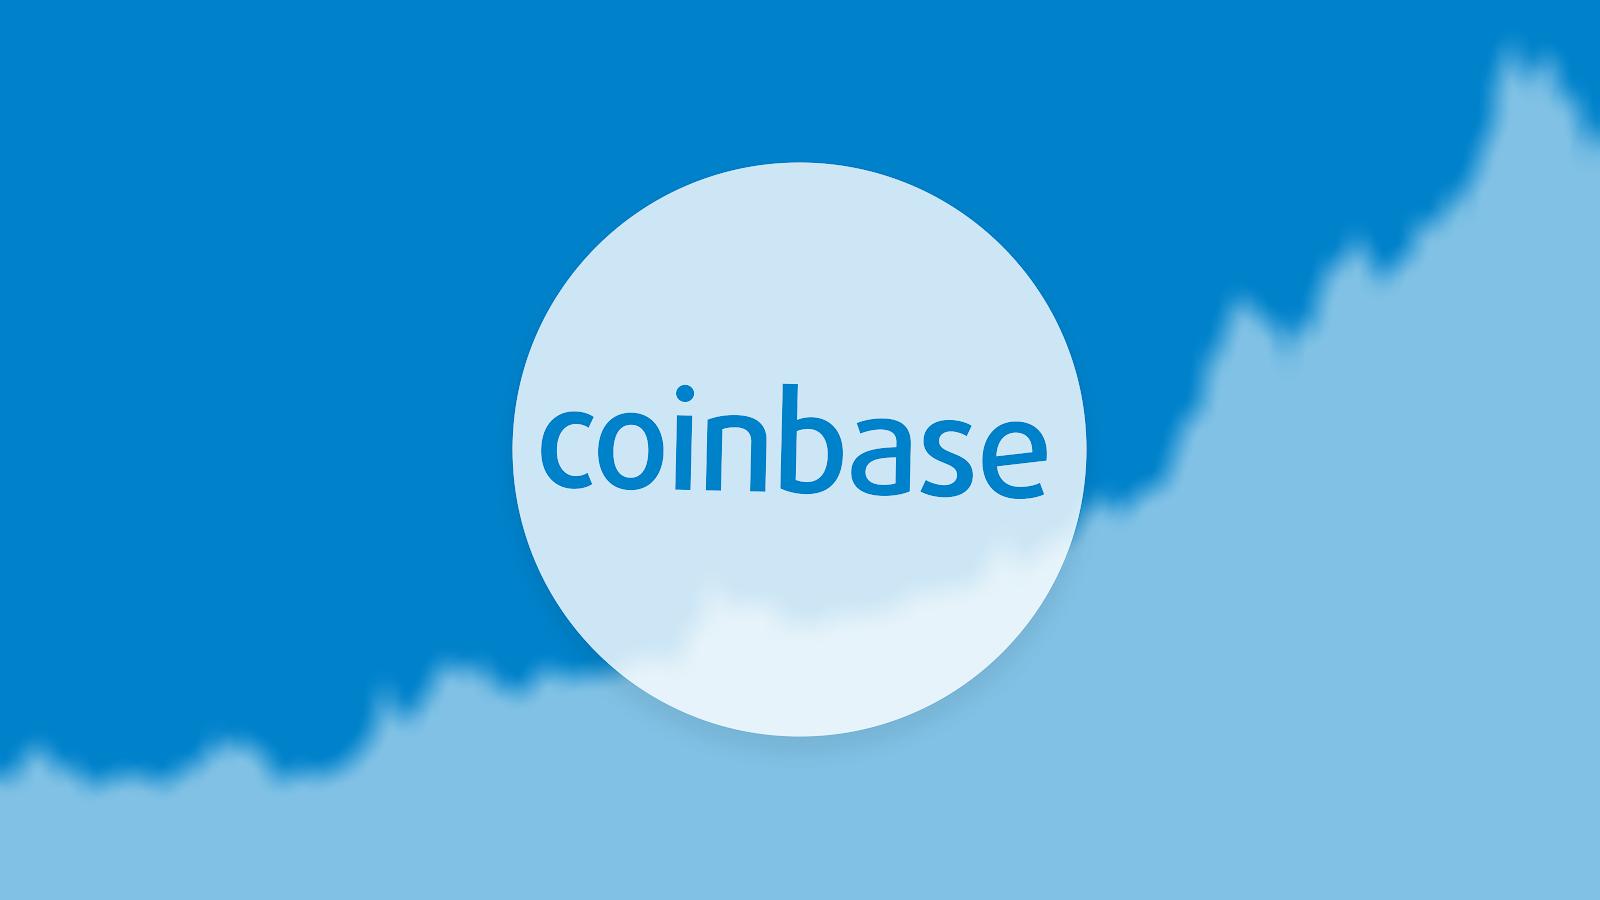 coinbase bitcoin developerrs